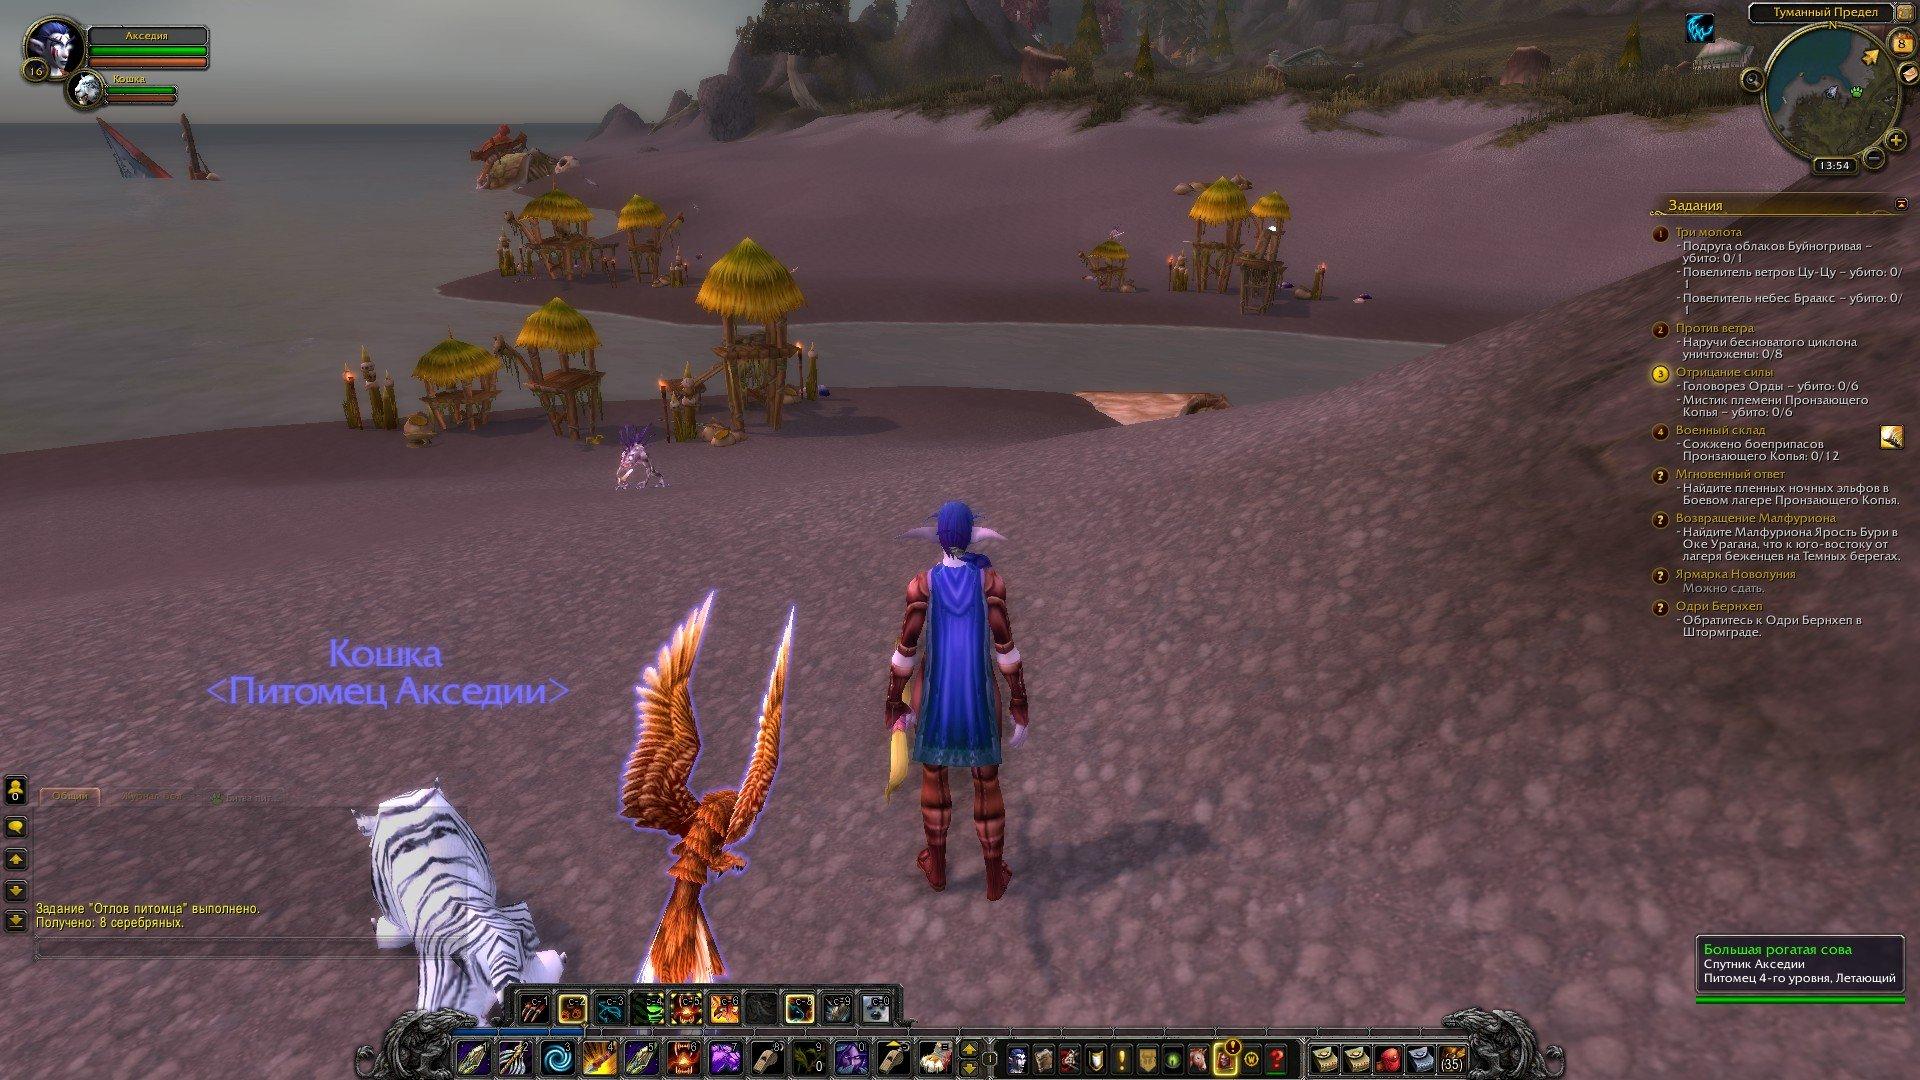 Путешествие по World of Warcraft ... Ночной Эльф. Глава 2. - Изображение 3